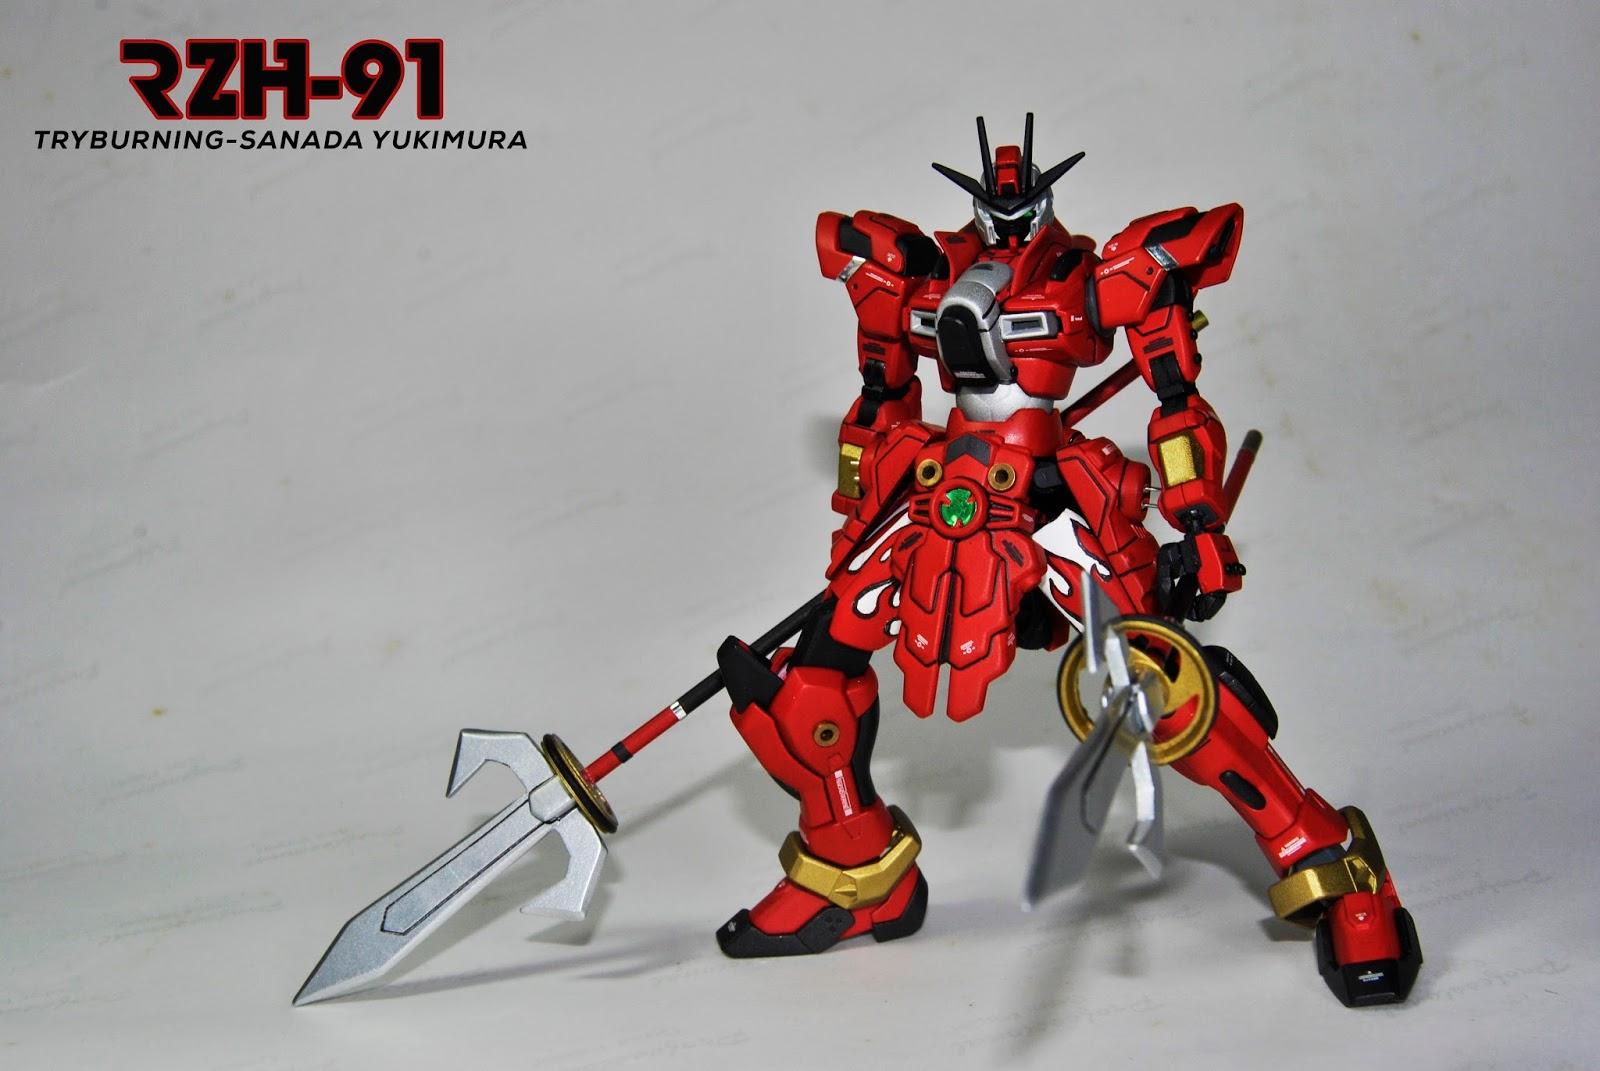 Custom Build Hgbf 1 144 Try Burning Gundam Sanada Yukimura Kits Used